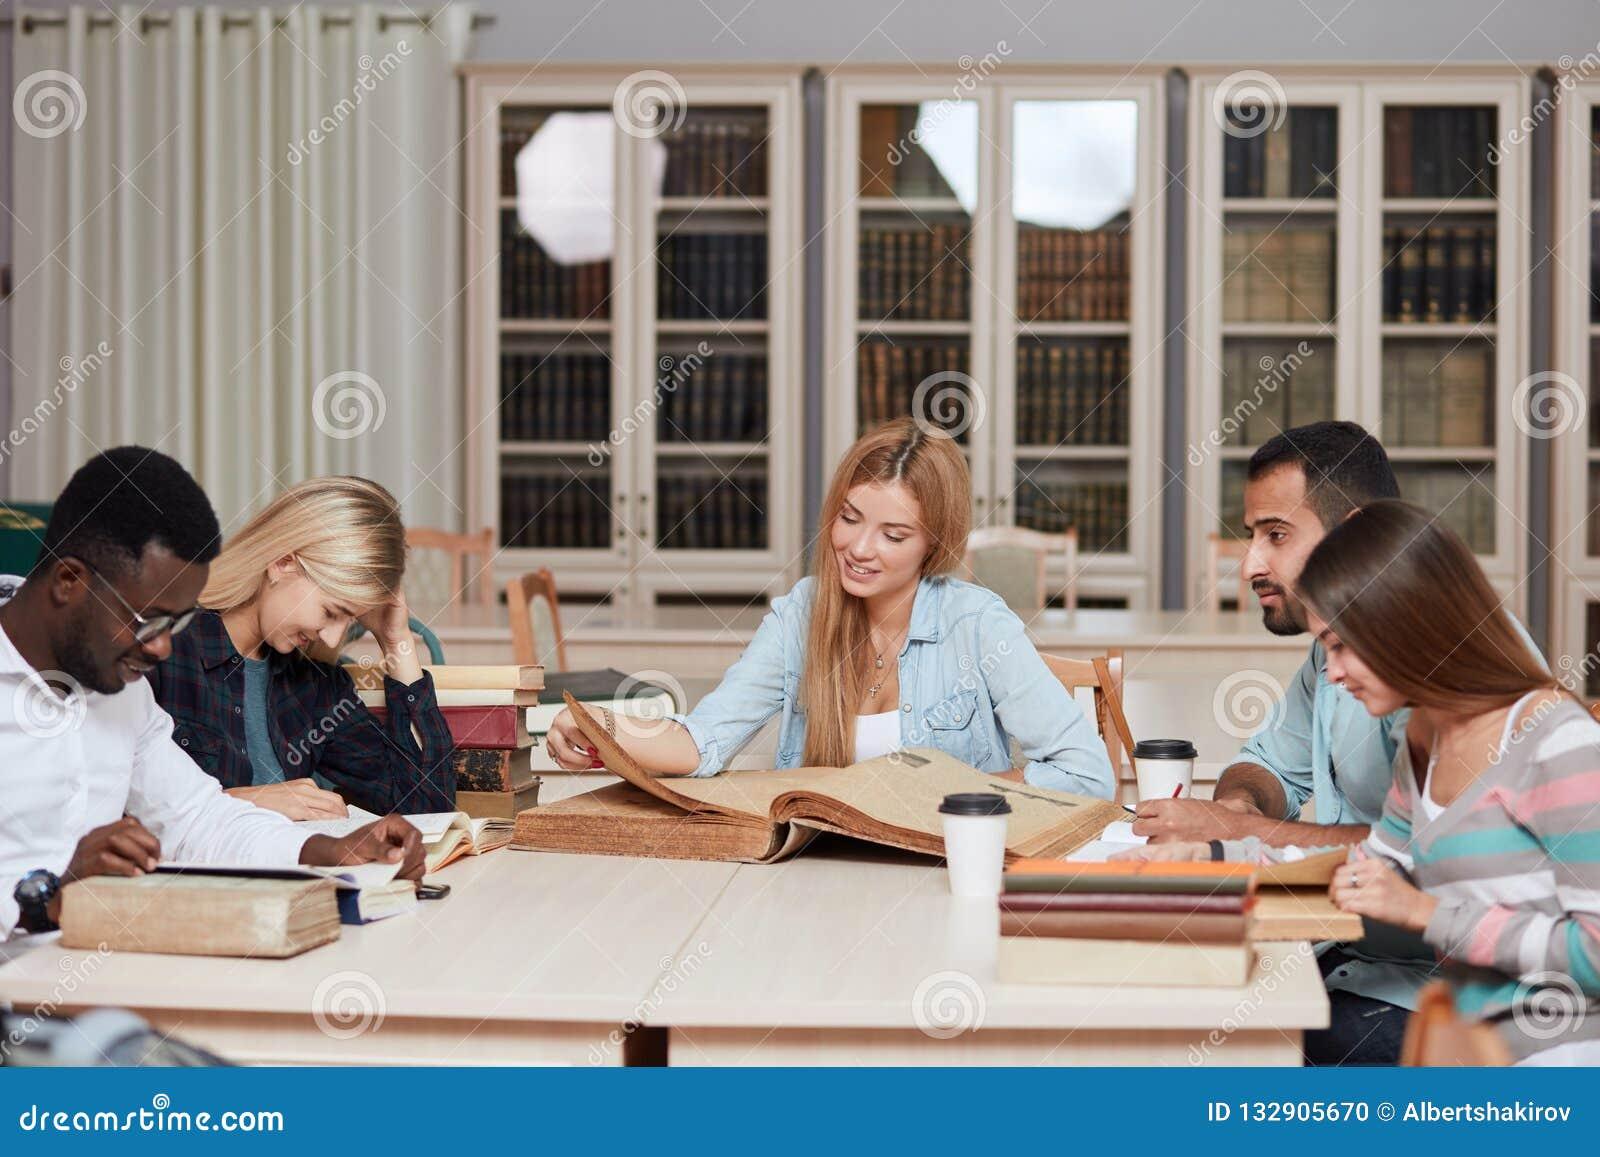 Mitschüler-Klassenzimmer, das internationales Freund-Konzept teilt